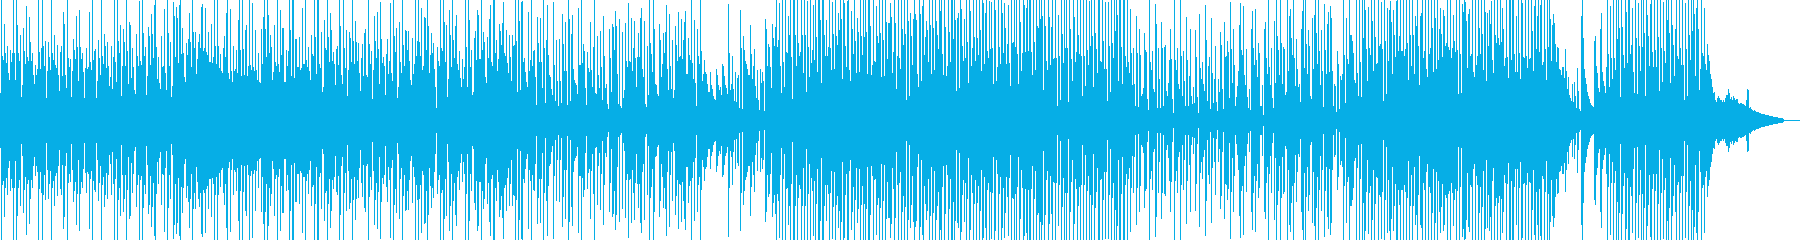 まったり→軽快・ほのぼの作品に 長尺の再生済みの波形